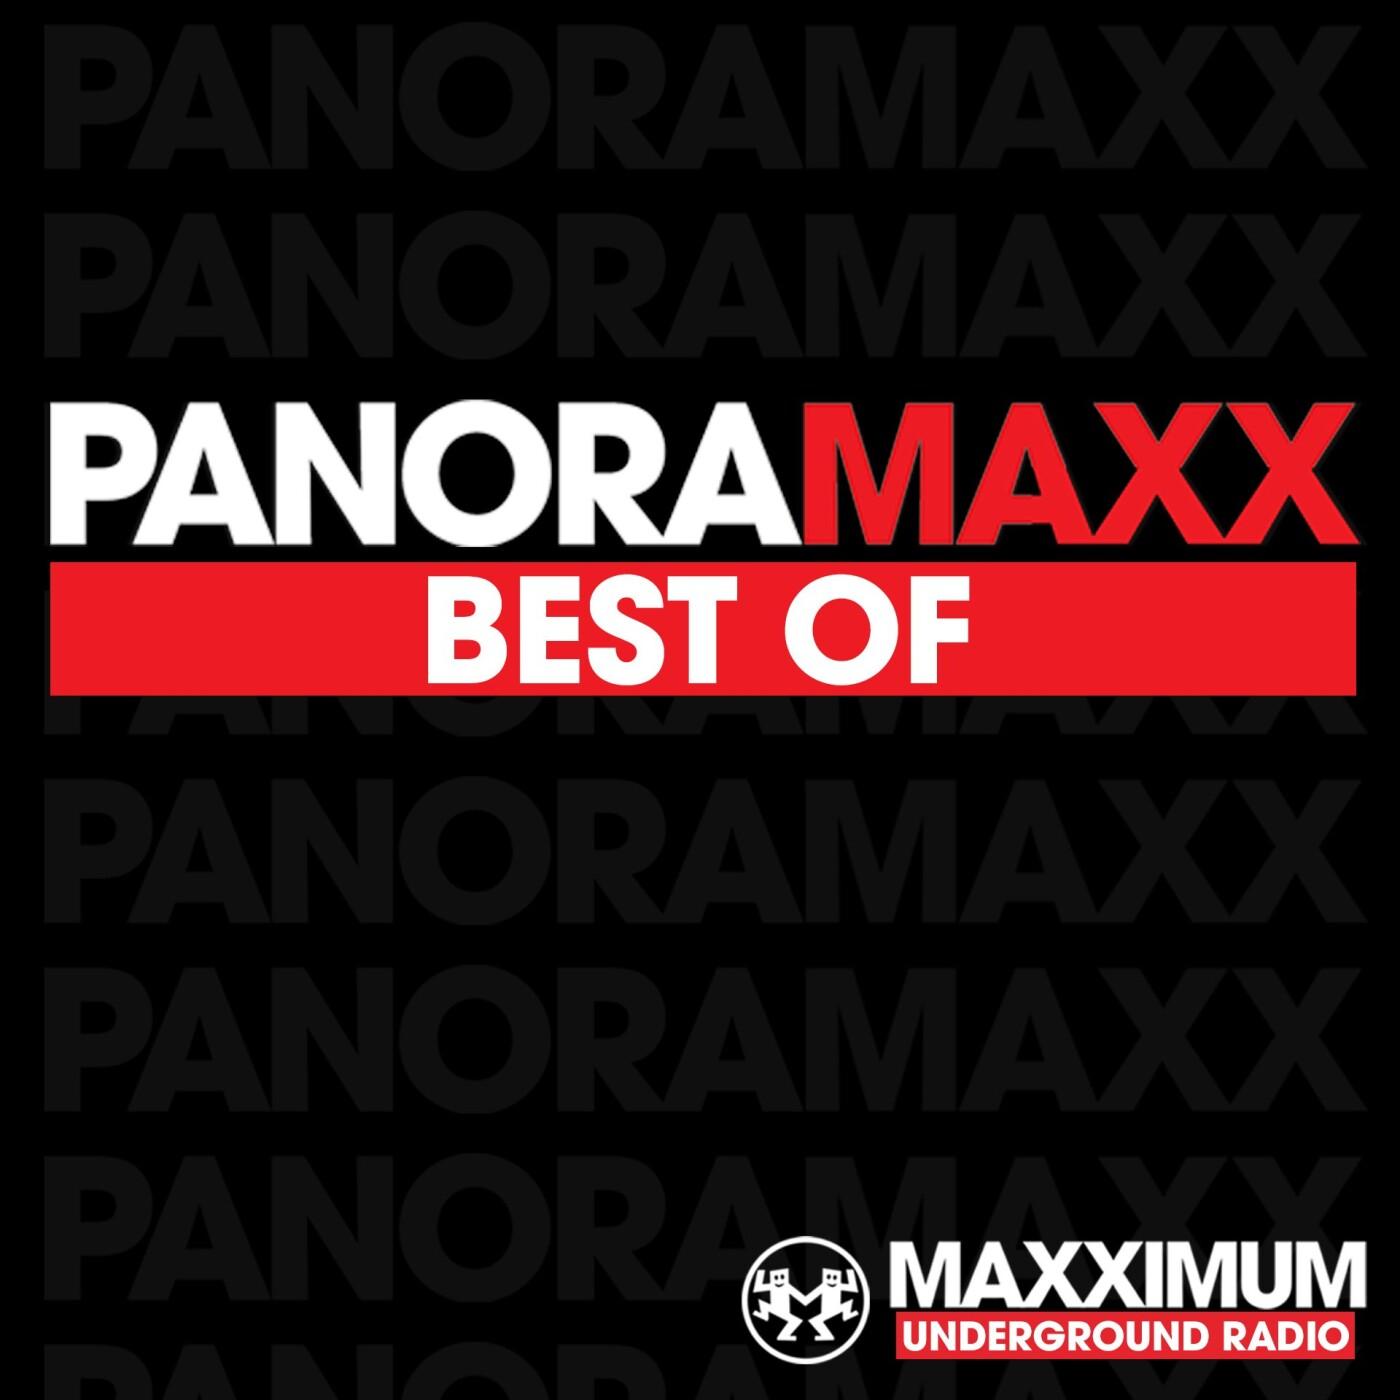 PANORAMAXX BEST OF : CODE WU